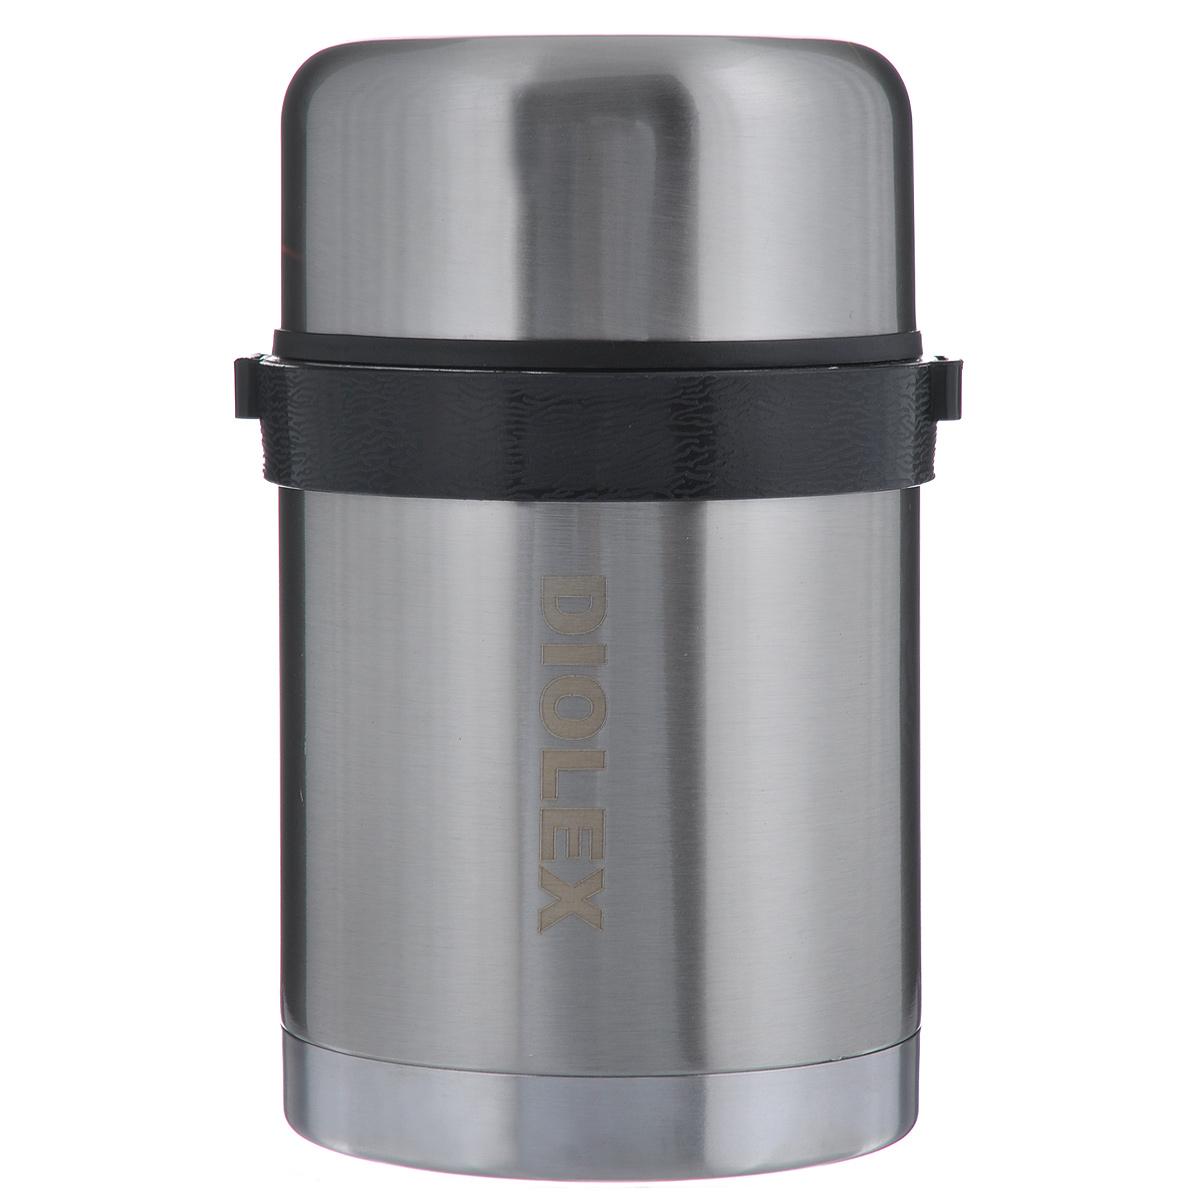 Термос Diolex, 0,8 л. DXF-800-1DXF-800-1Термос Diolex изготовлен из высококачественной нержавеющей стали. Он имеет небьющуюся двойную внутреннюю колбу и изолированную крышку. Съемный ремешок для переноски делает использование термоса легким и удобным.Термос сохраняет напитки и продукты горячими в течение 12 часов, а холодными в течение 24 часов. Легкий и прочный термос Diolex идеально подойдет для транспортировки и путешествий. Высота термоса (с учетом крышки): 18 см. Диаметр основания: 10 см. Объем термоса: 0,8 л. Материал: нержавеющая сталь, пластик, текстиль.